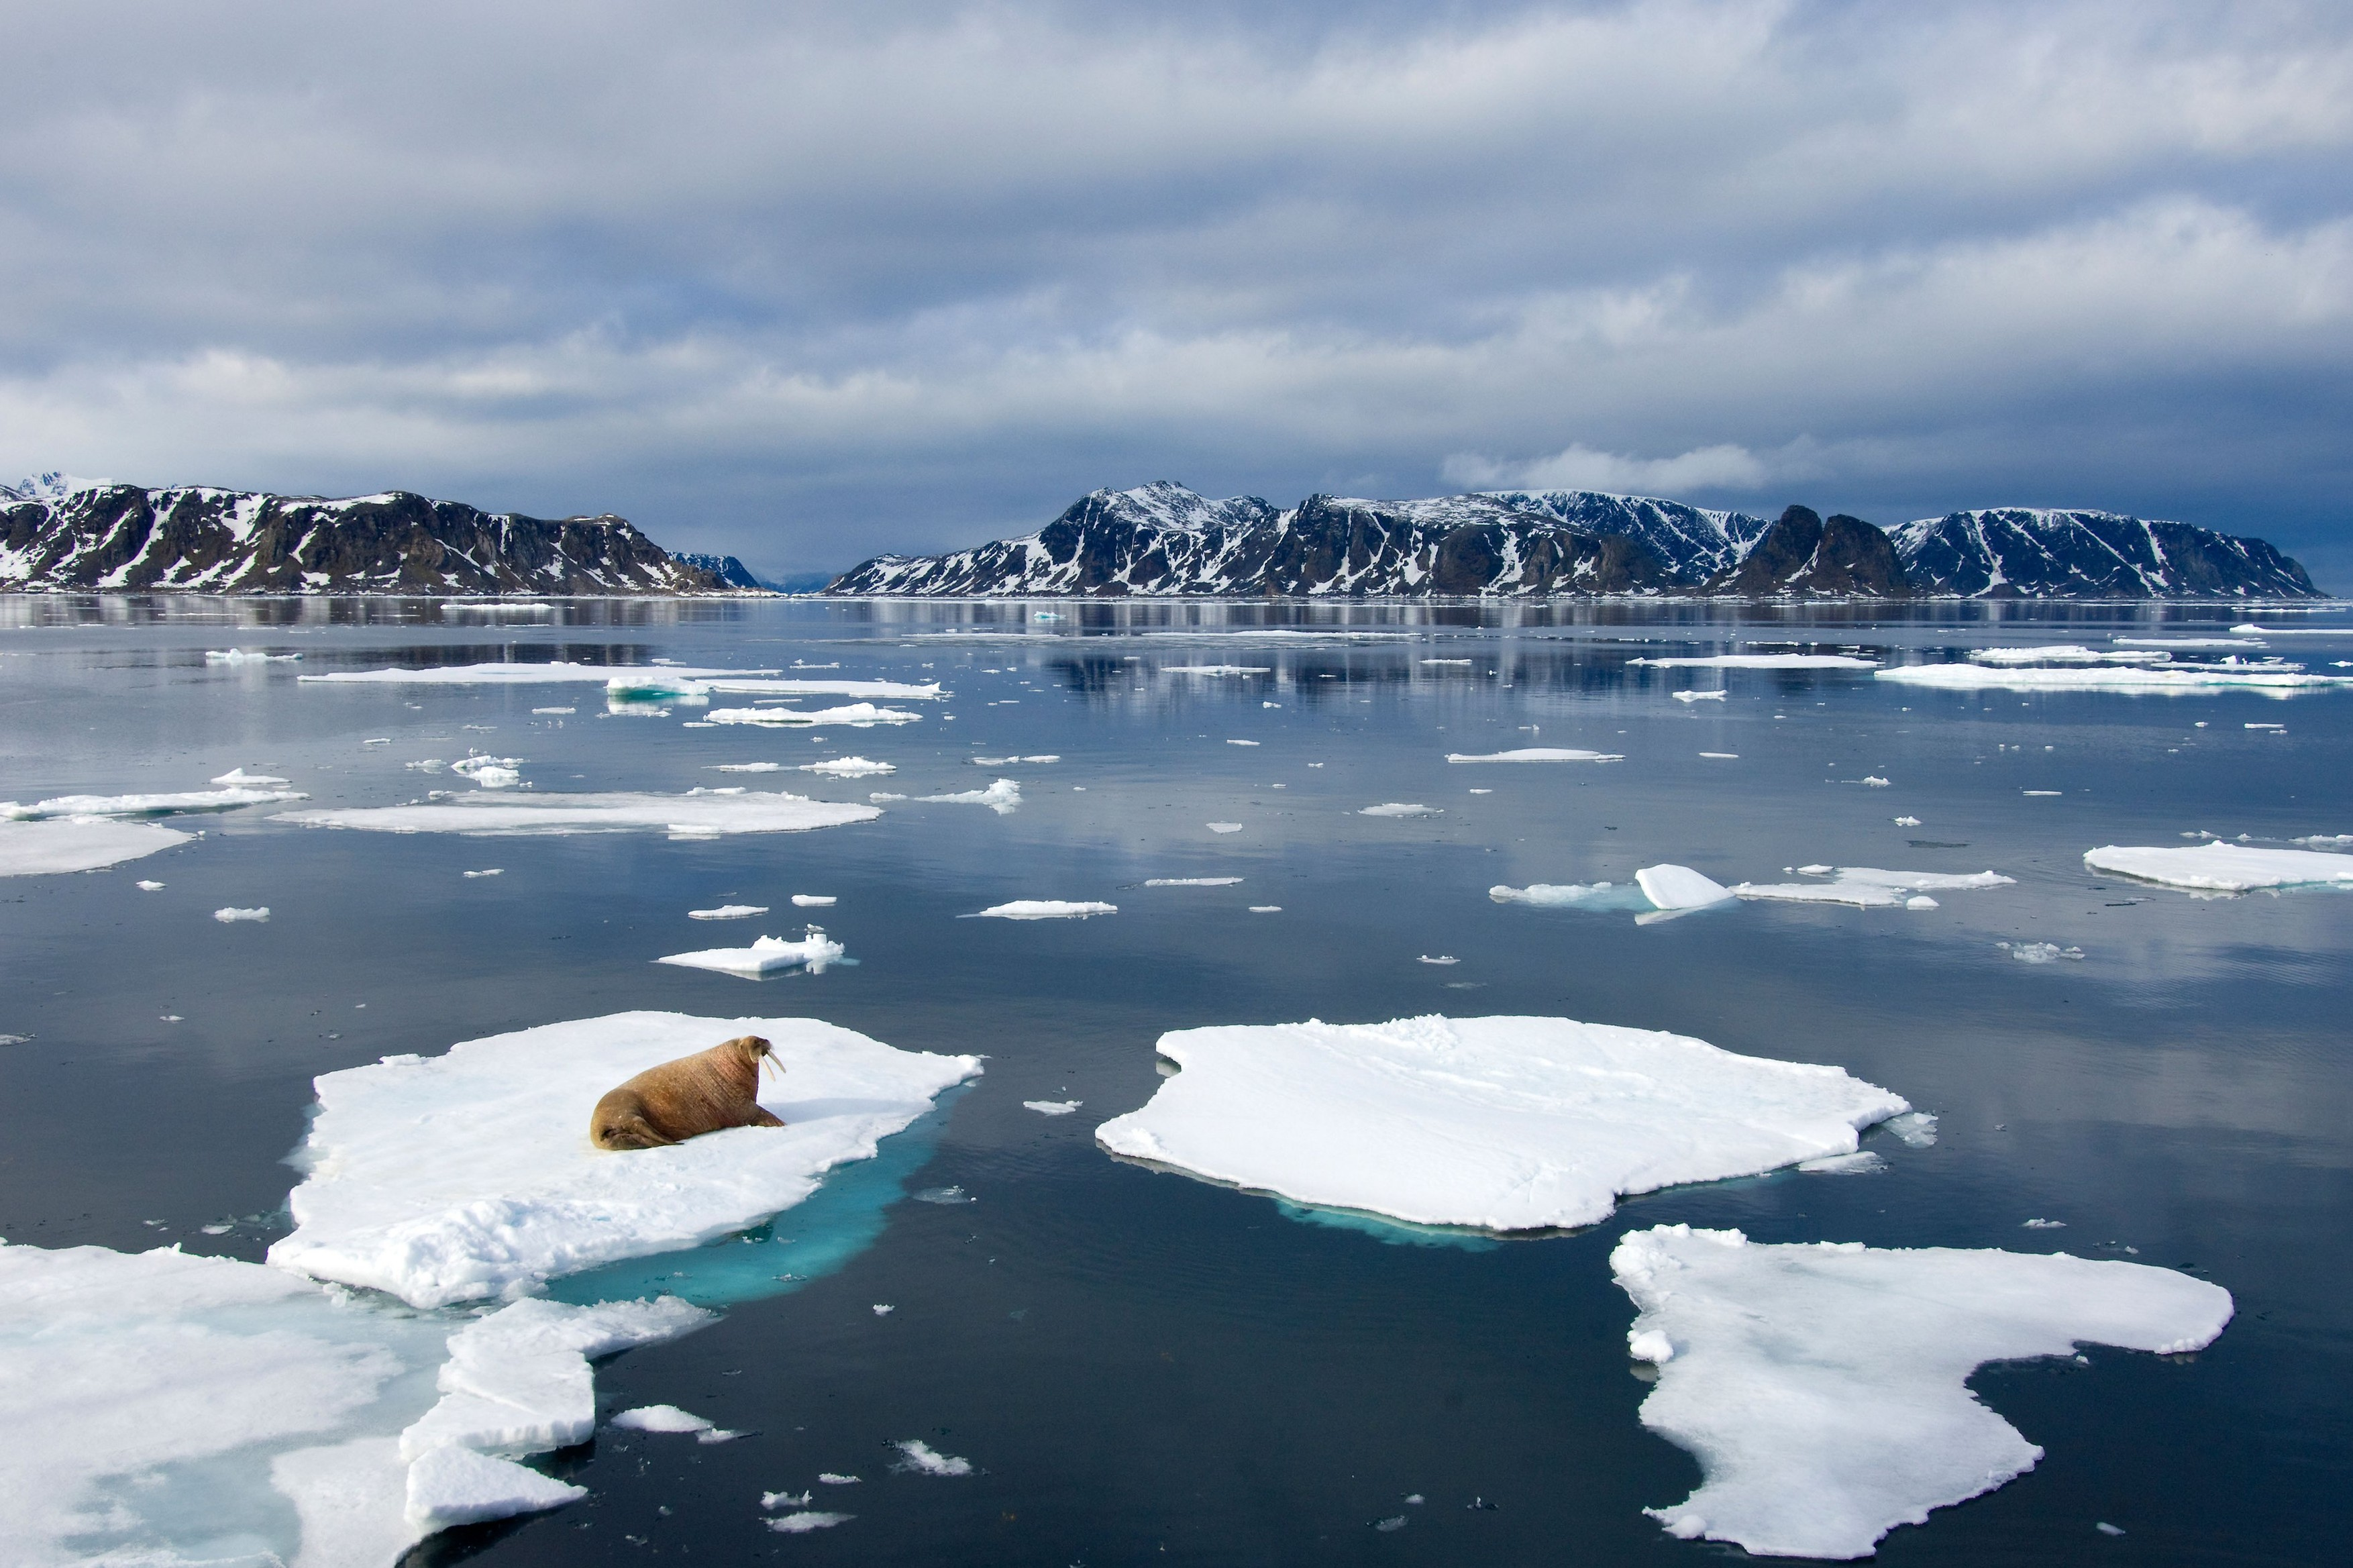 Jumatate de milion de oameni sunt cautati pentru a numara, de acasa, morsele din cercul polar arctic